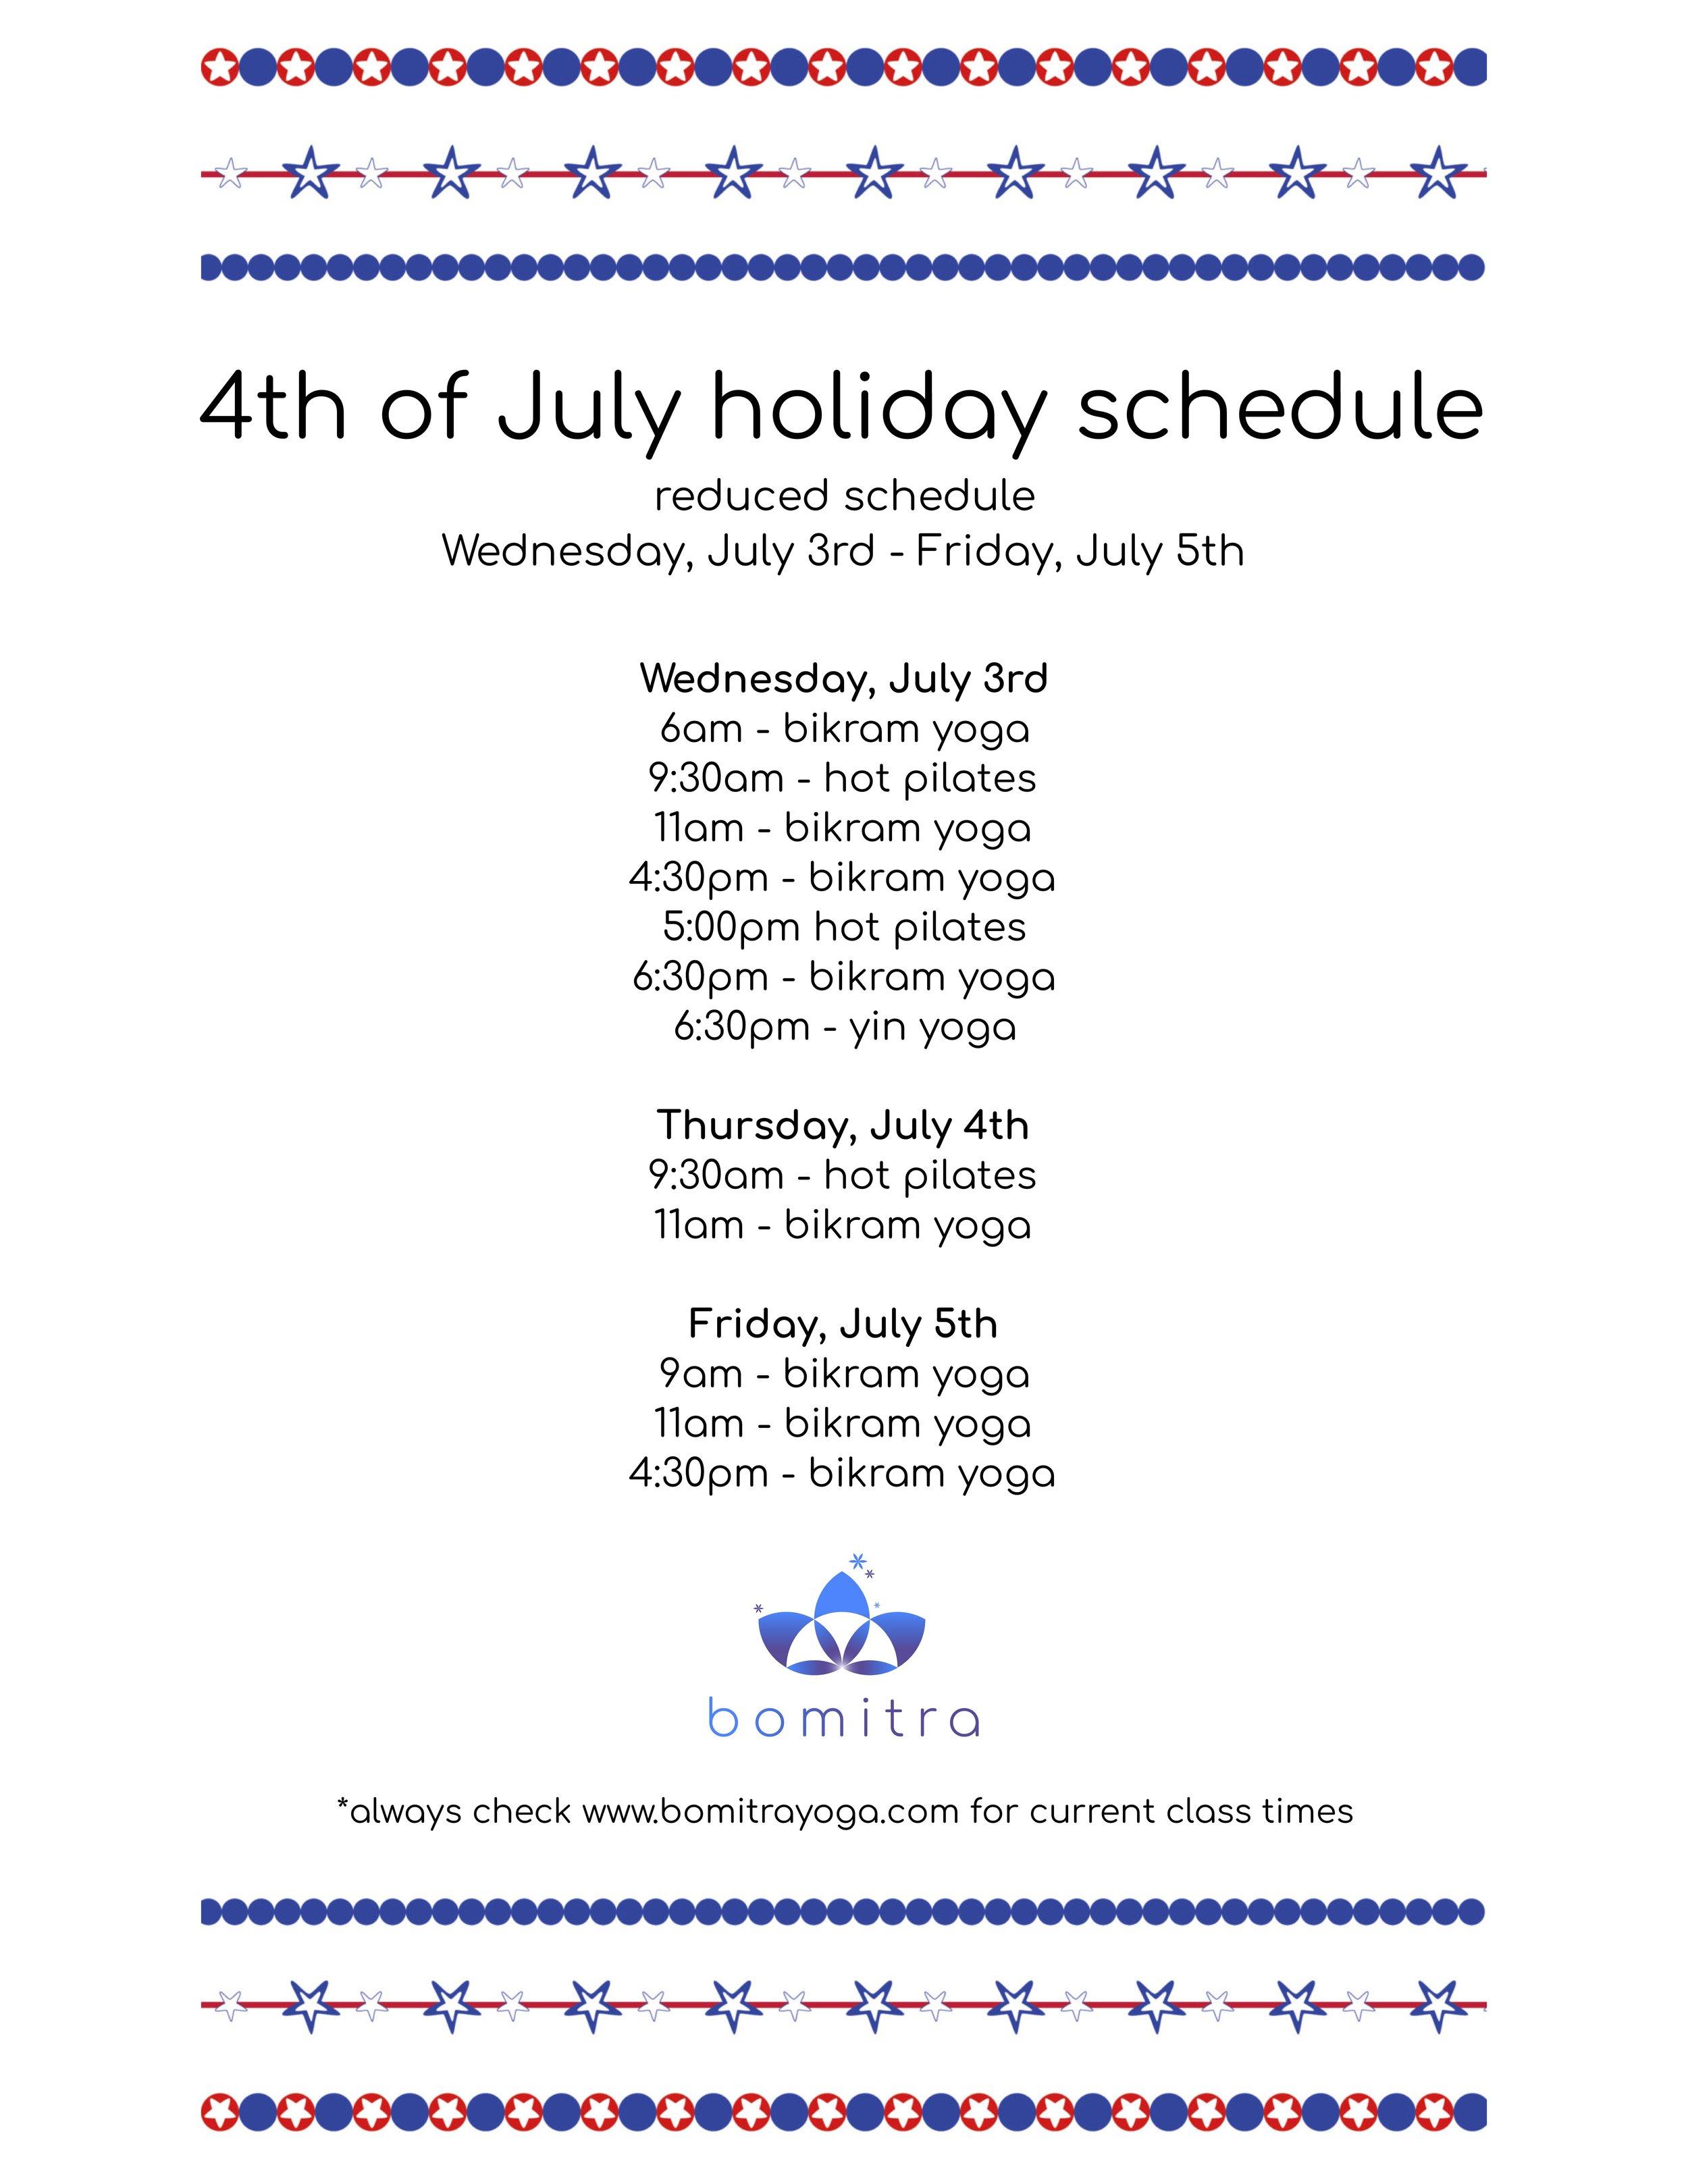 2019 july 4 schedule.jpg